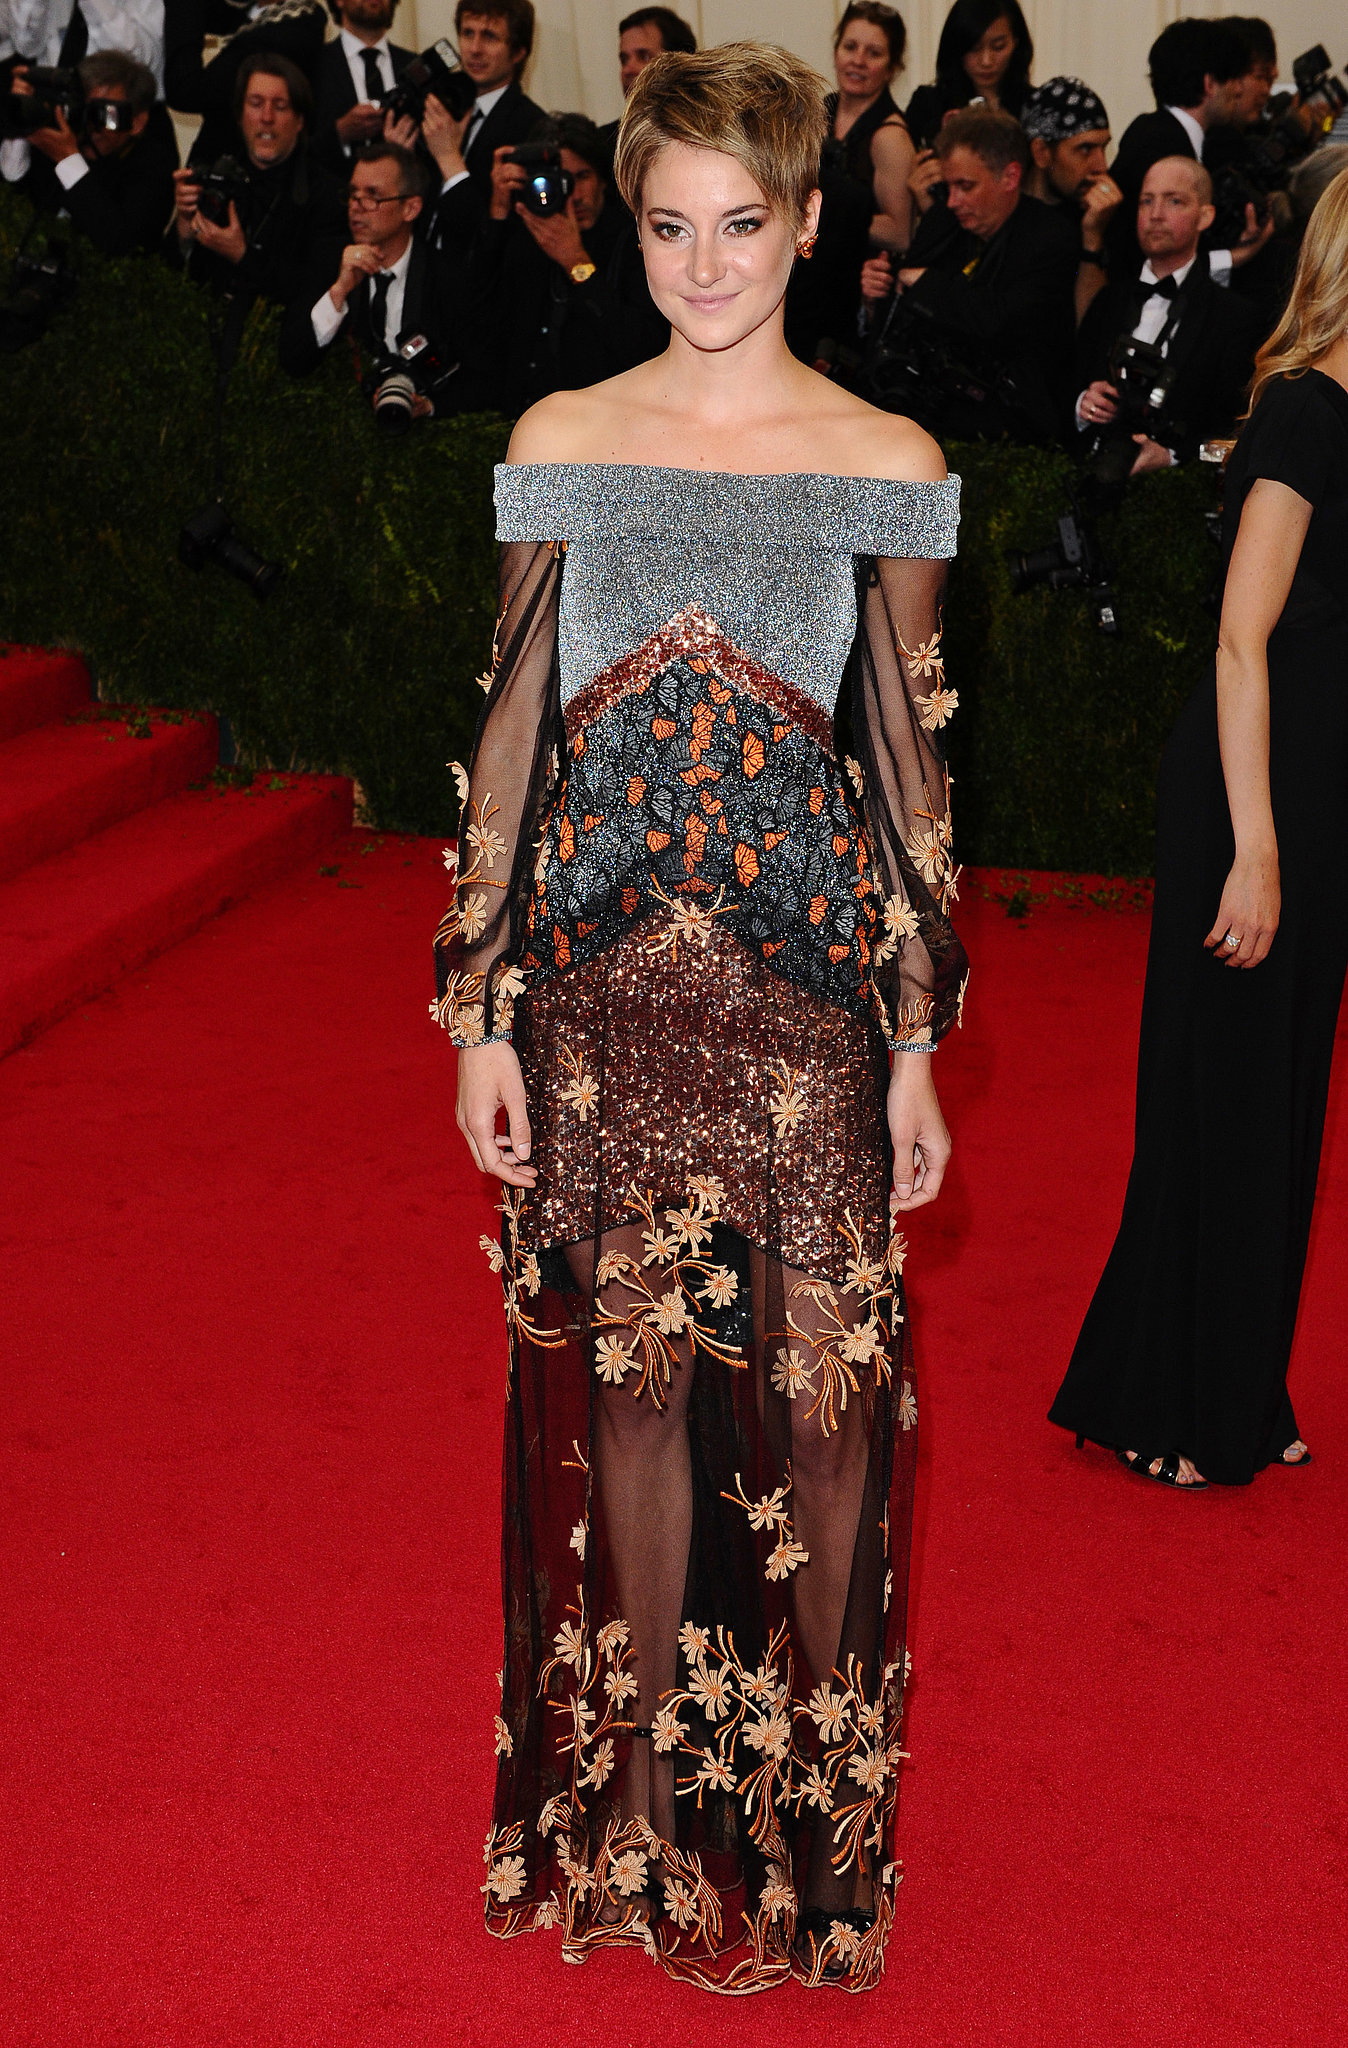 Shailene Woodley in Rodarte at the 2014 Met Gala